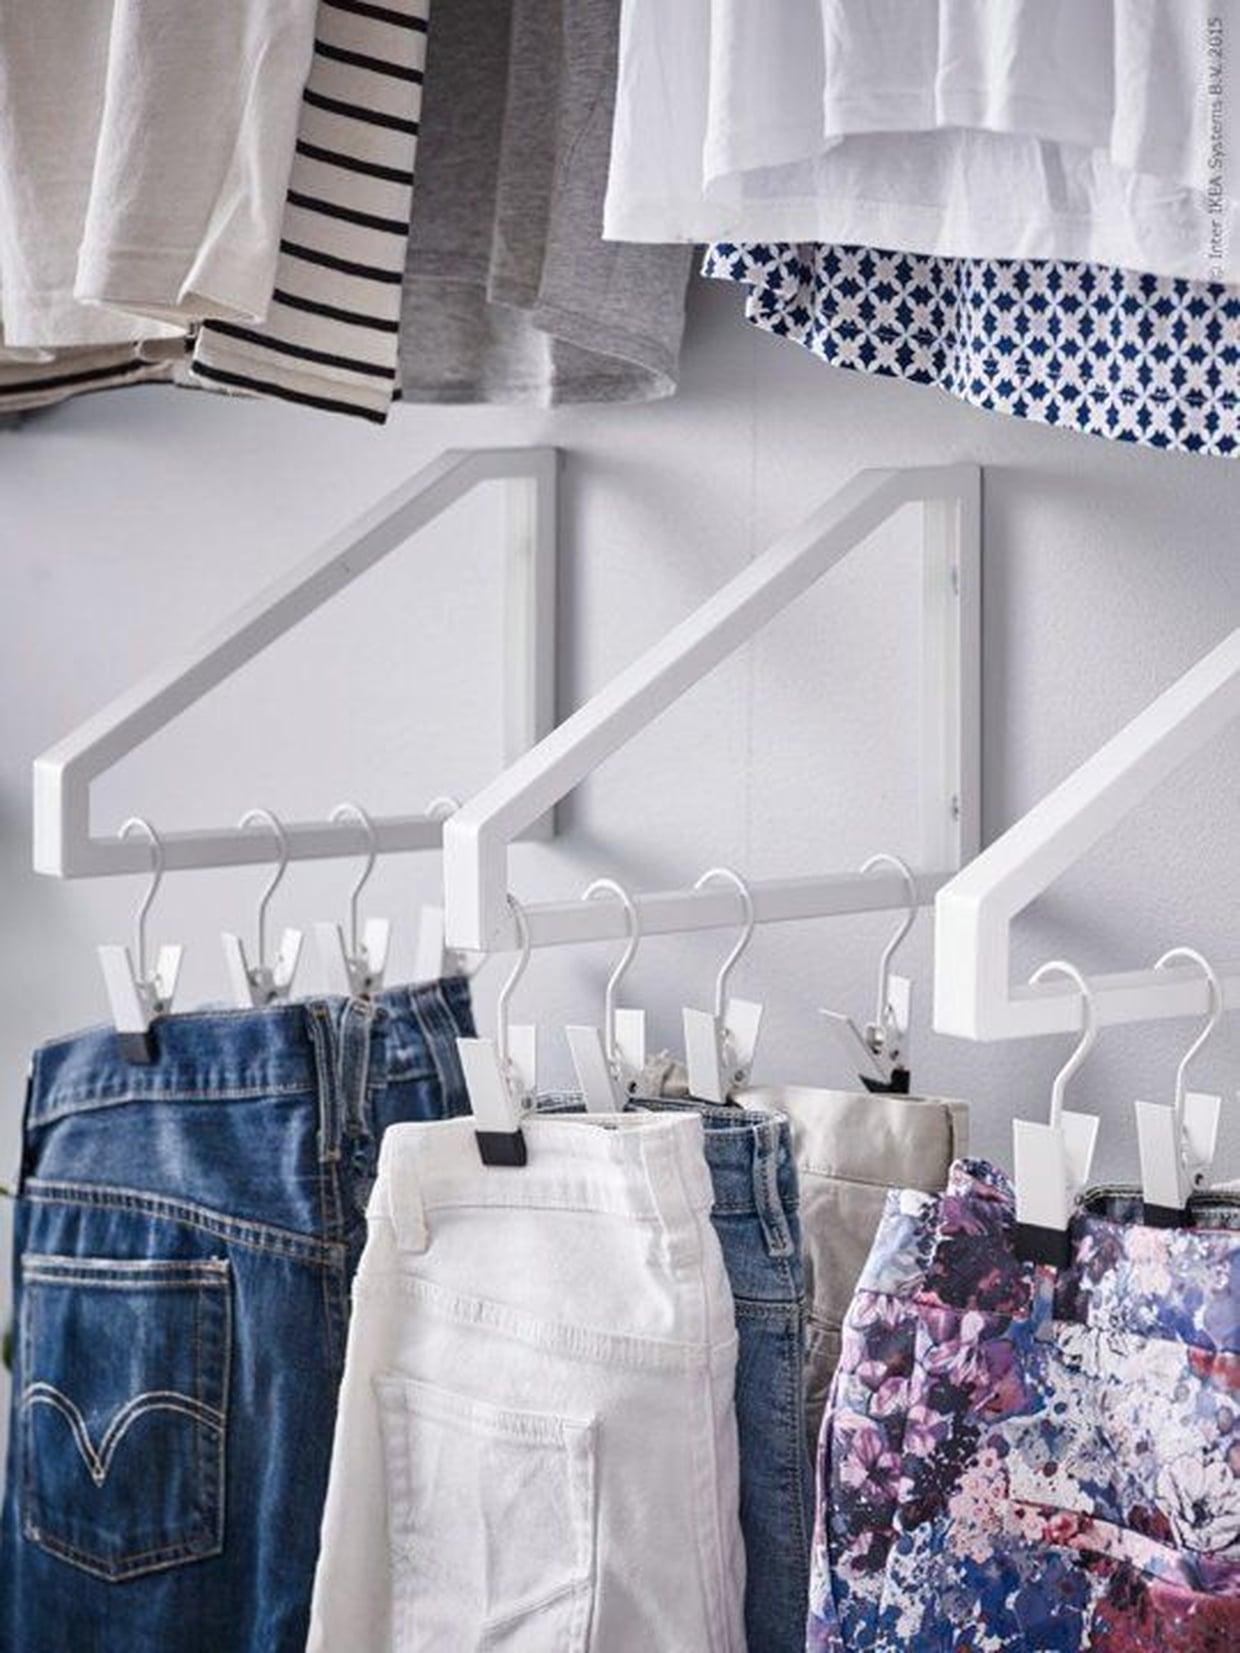 Nhìn thấy 20 cách sắp xếp tủ quần áo dưới đây, bạn sẽ muốn học theo ngay  lập tức